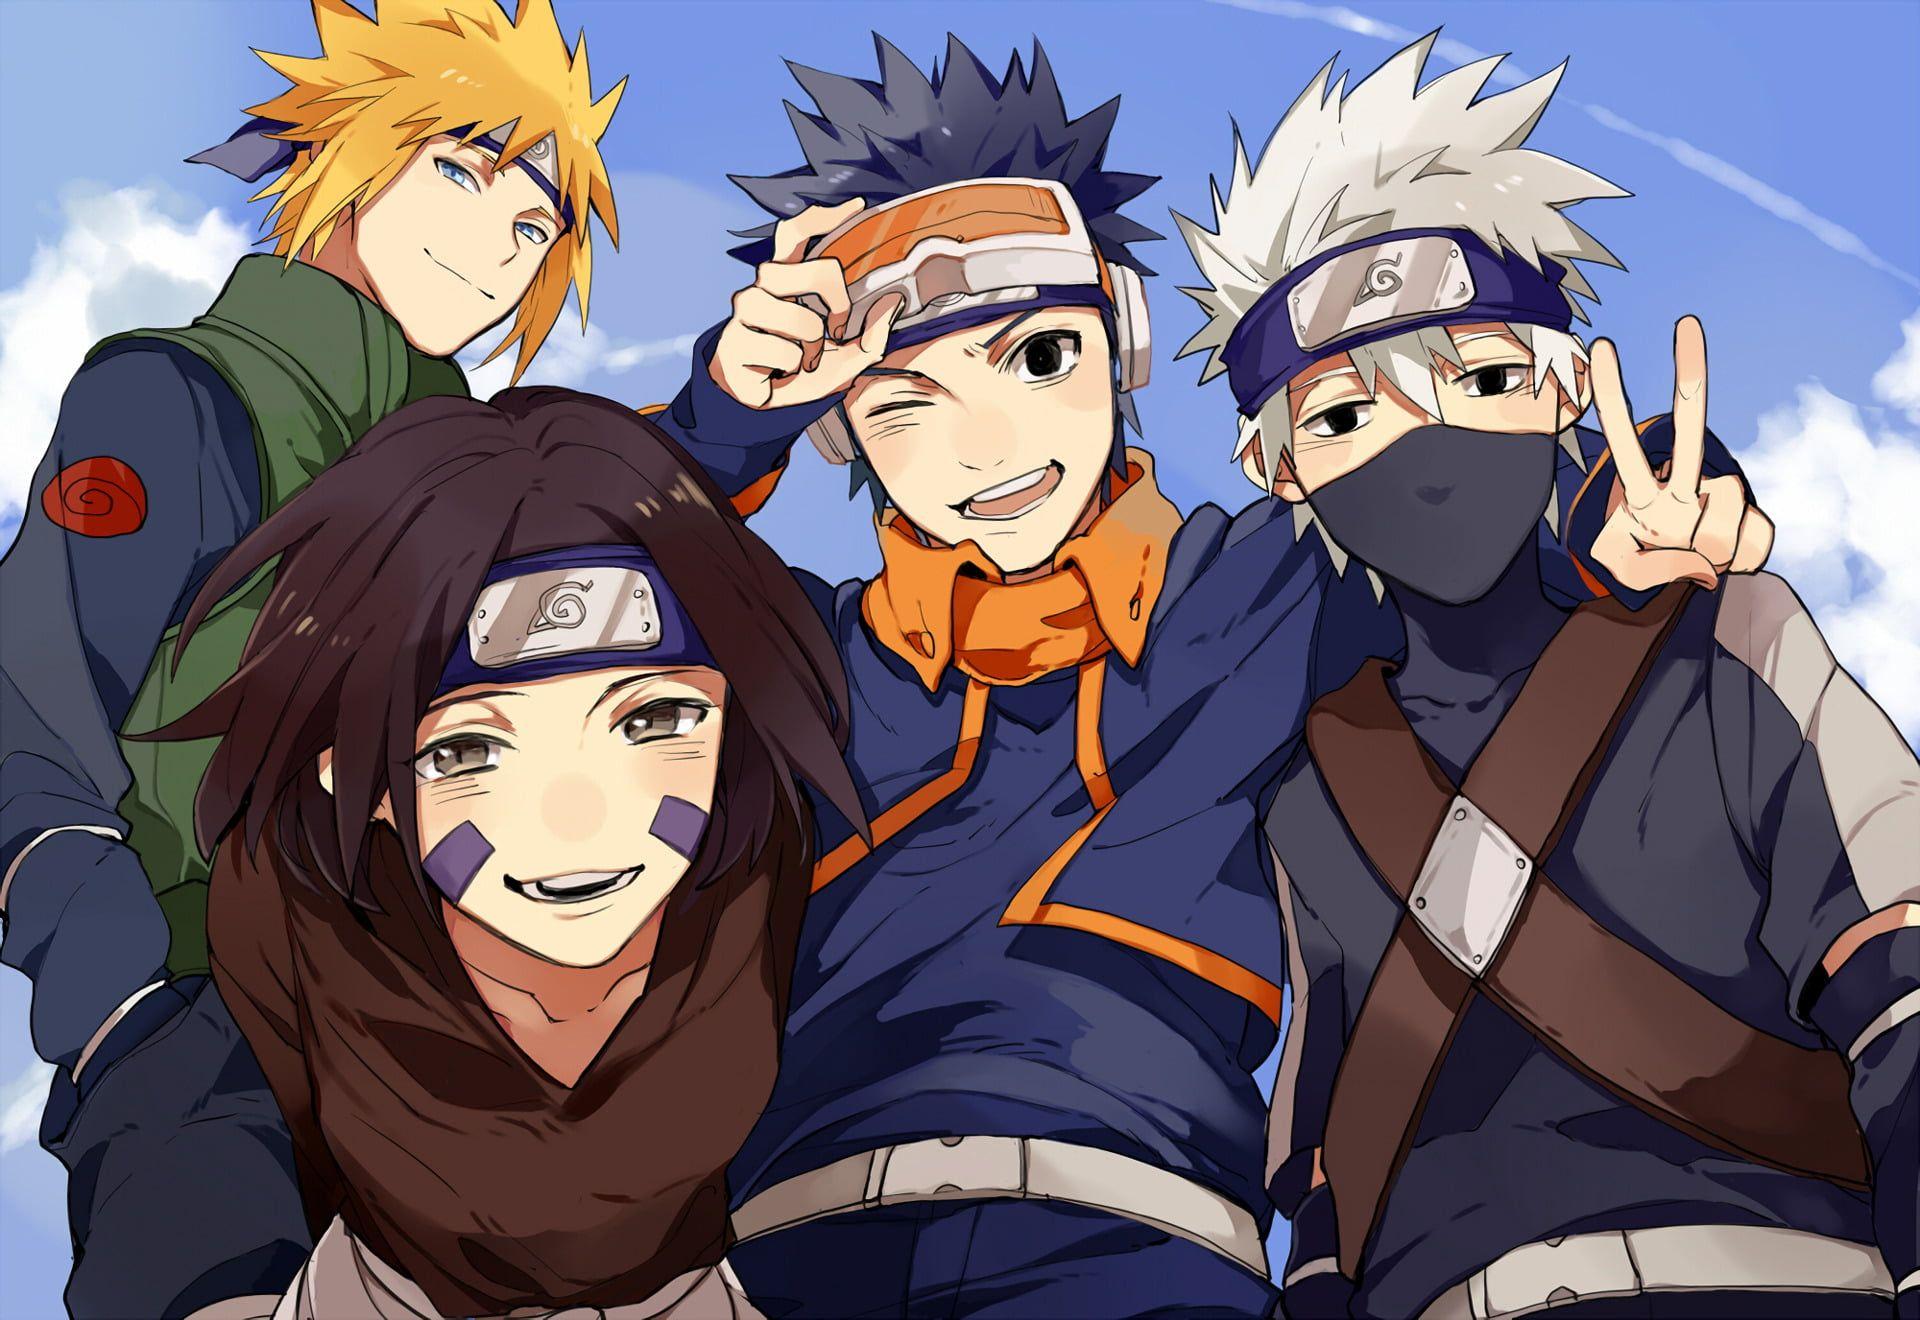 Naruto Wallpaper Anime Naruto Kakashi Hatake Minato Namikaze Obito Uchiha Rin Nohara 1080p Wallpaper Hdwallpaper Naruto Shippuden Anime Team Minato Anime